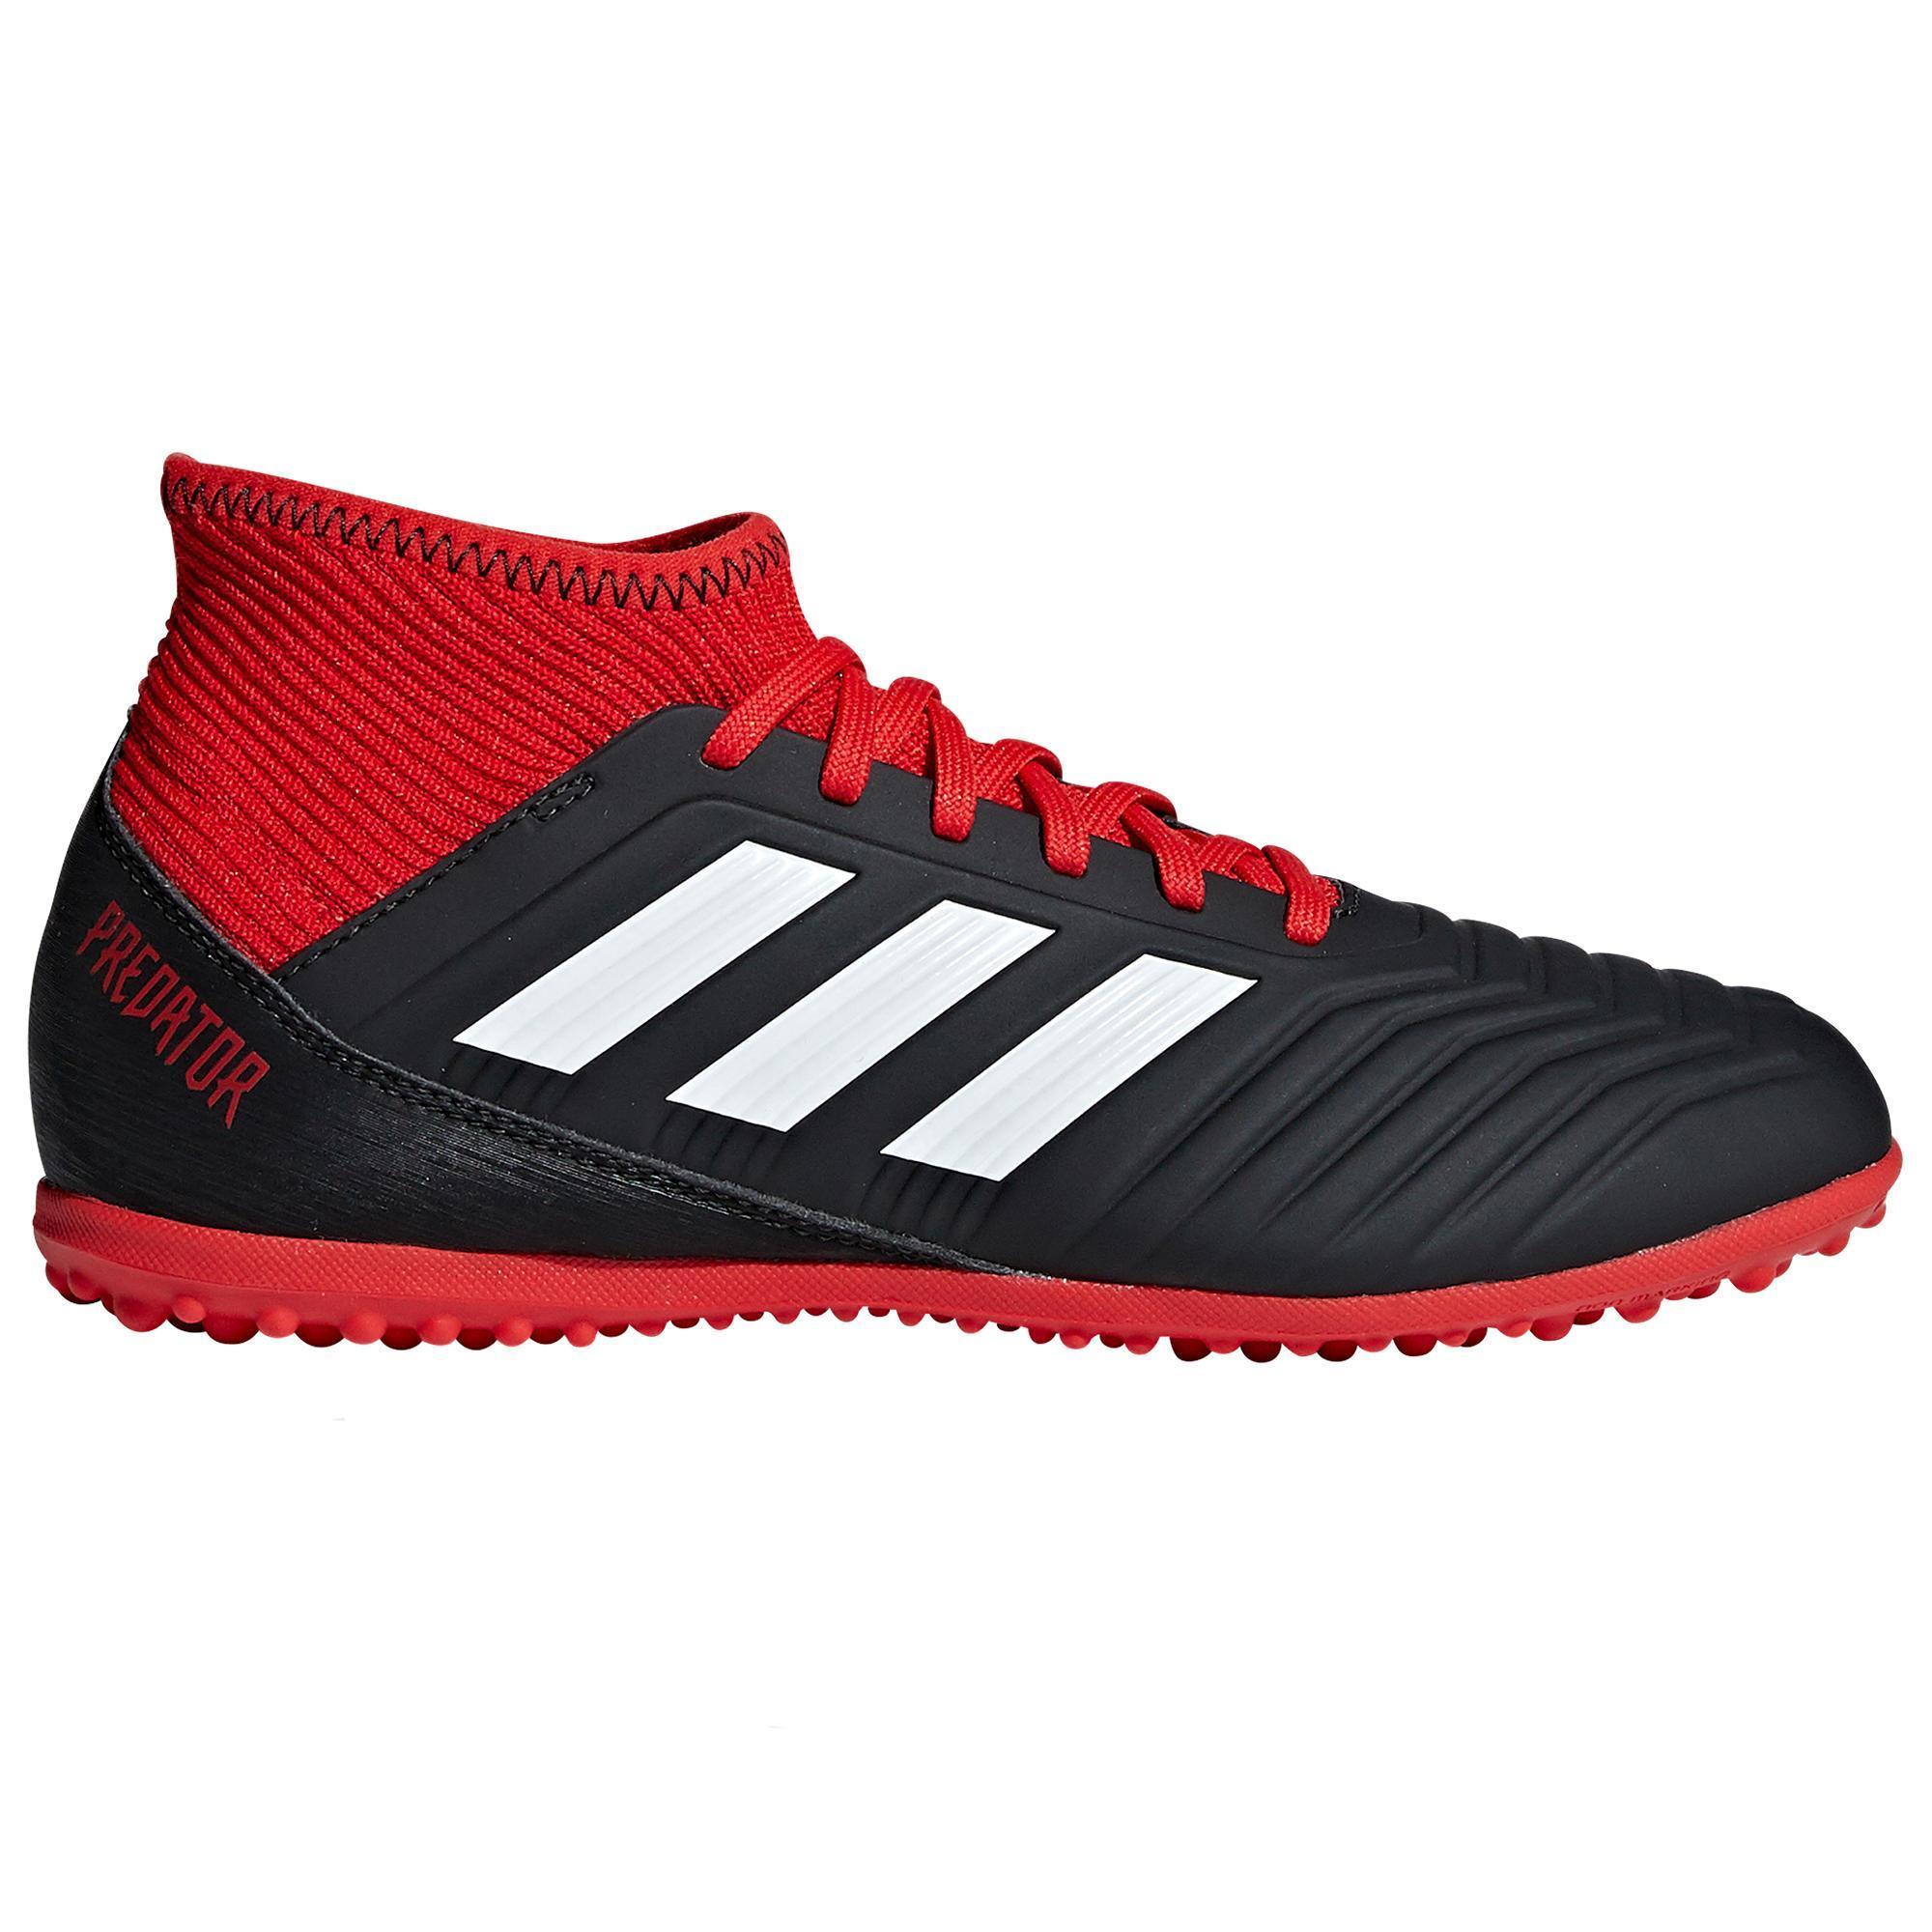 Adidas Voetbalschoenen kind Predator 18.3 HG zwart